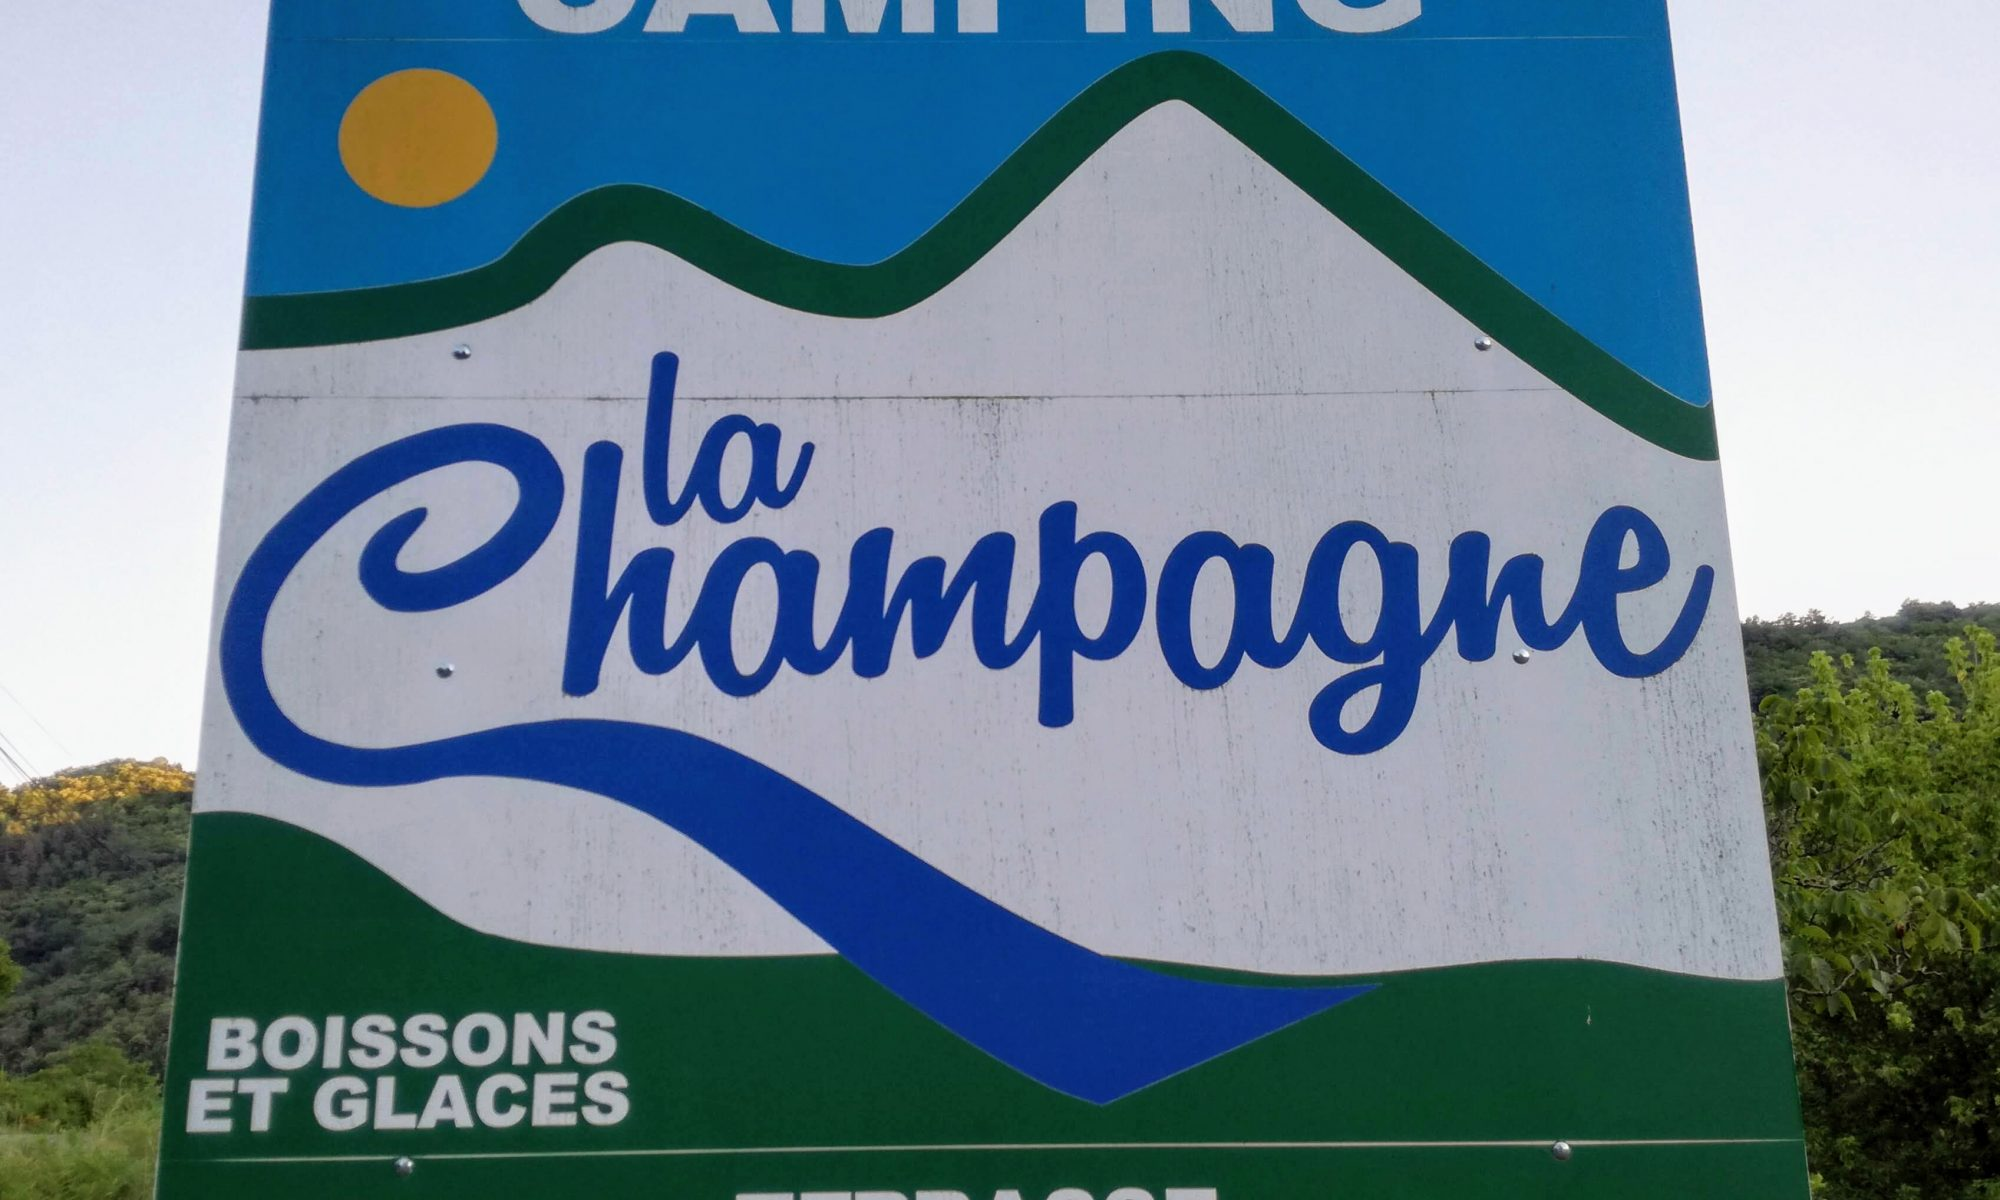 Welcome to campsite La Champagne terrace